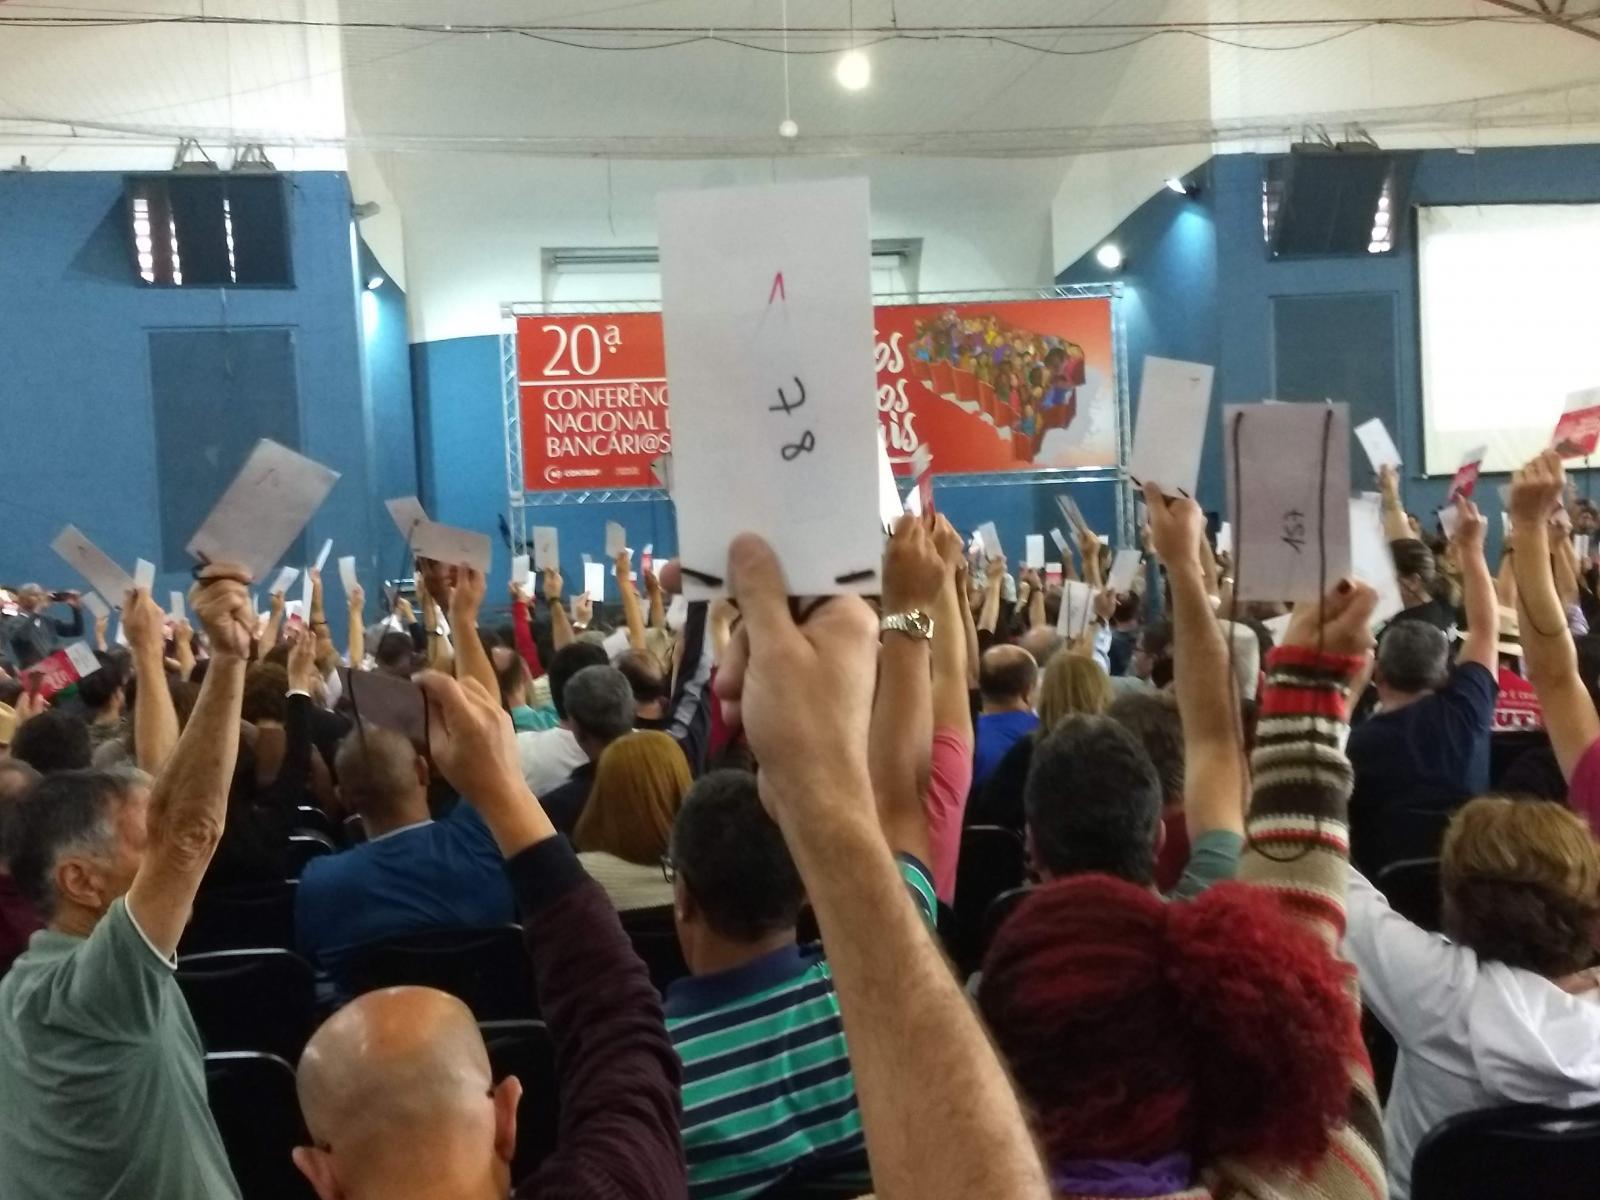 20ª CONFERÊNCIA NACIONAL DOS BANCÁRIOS